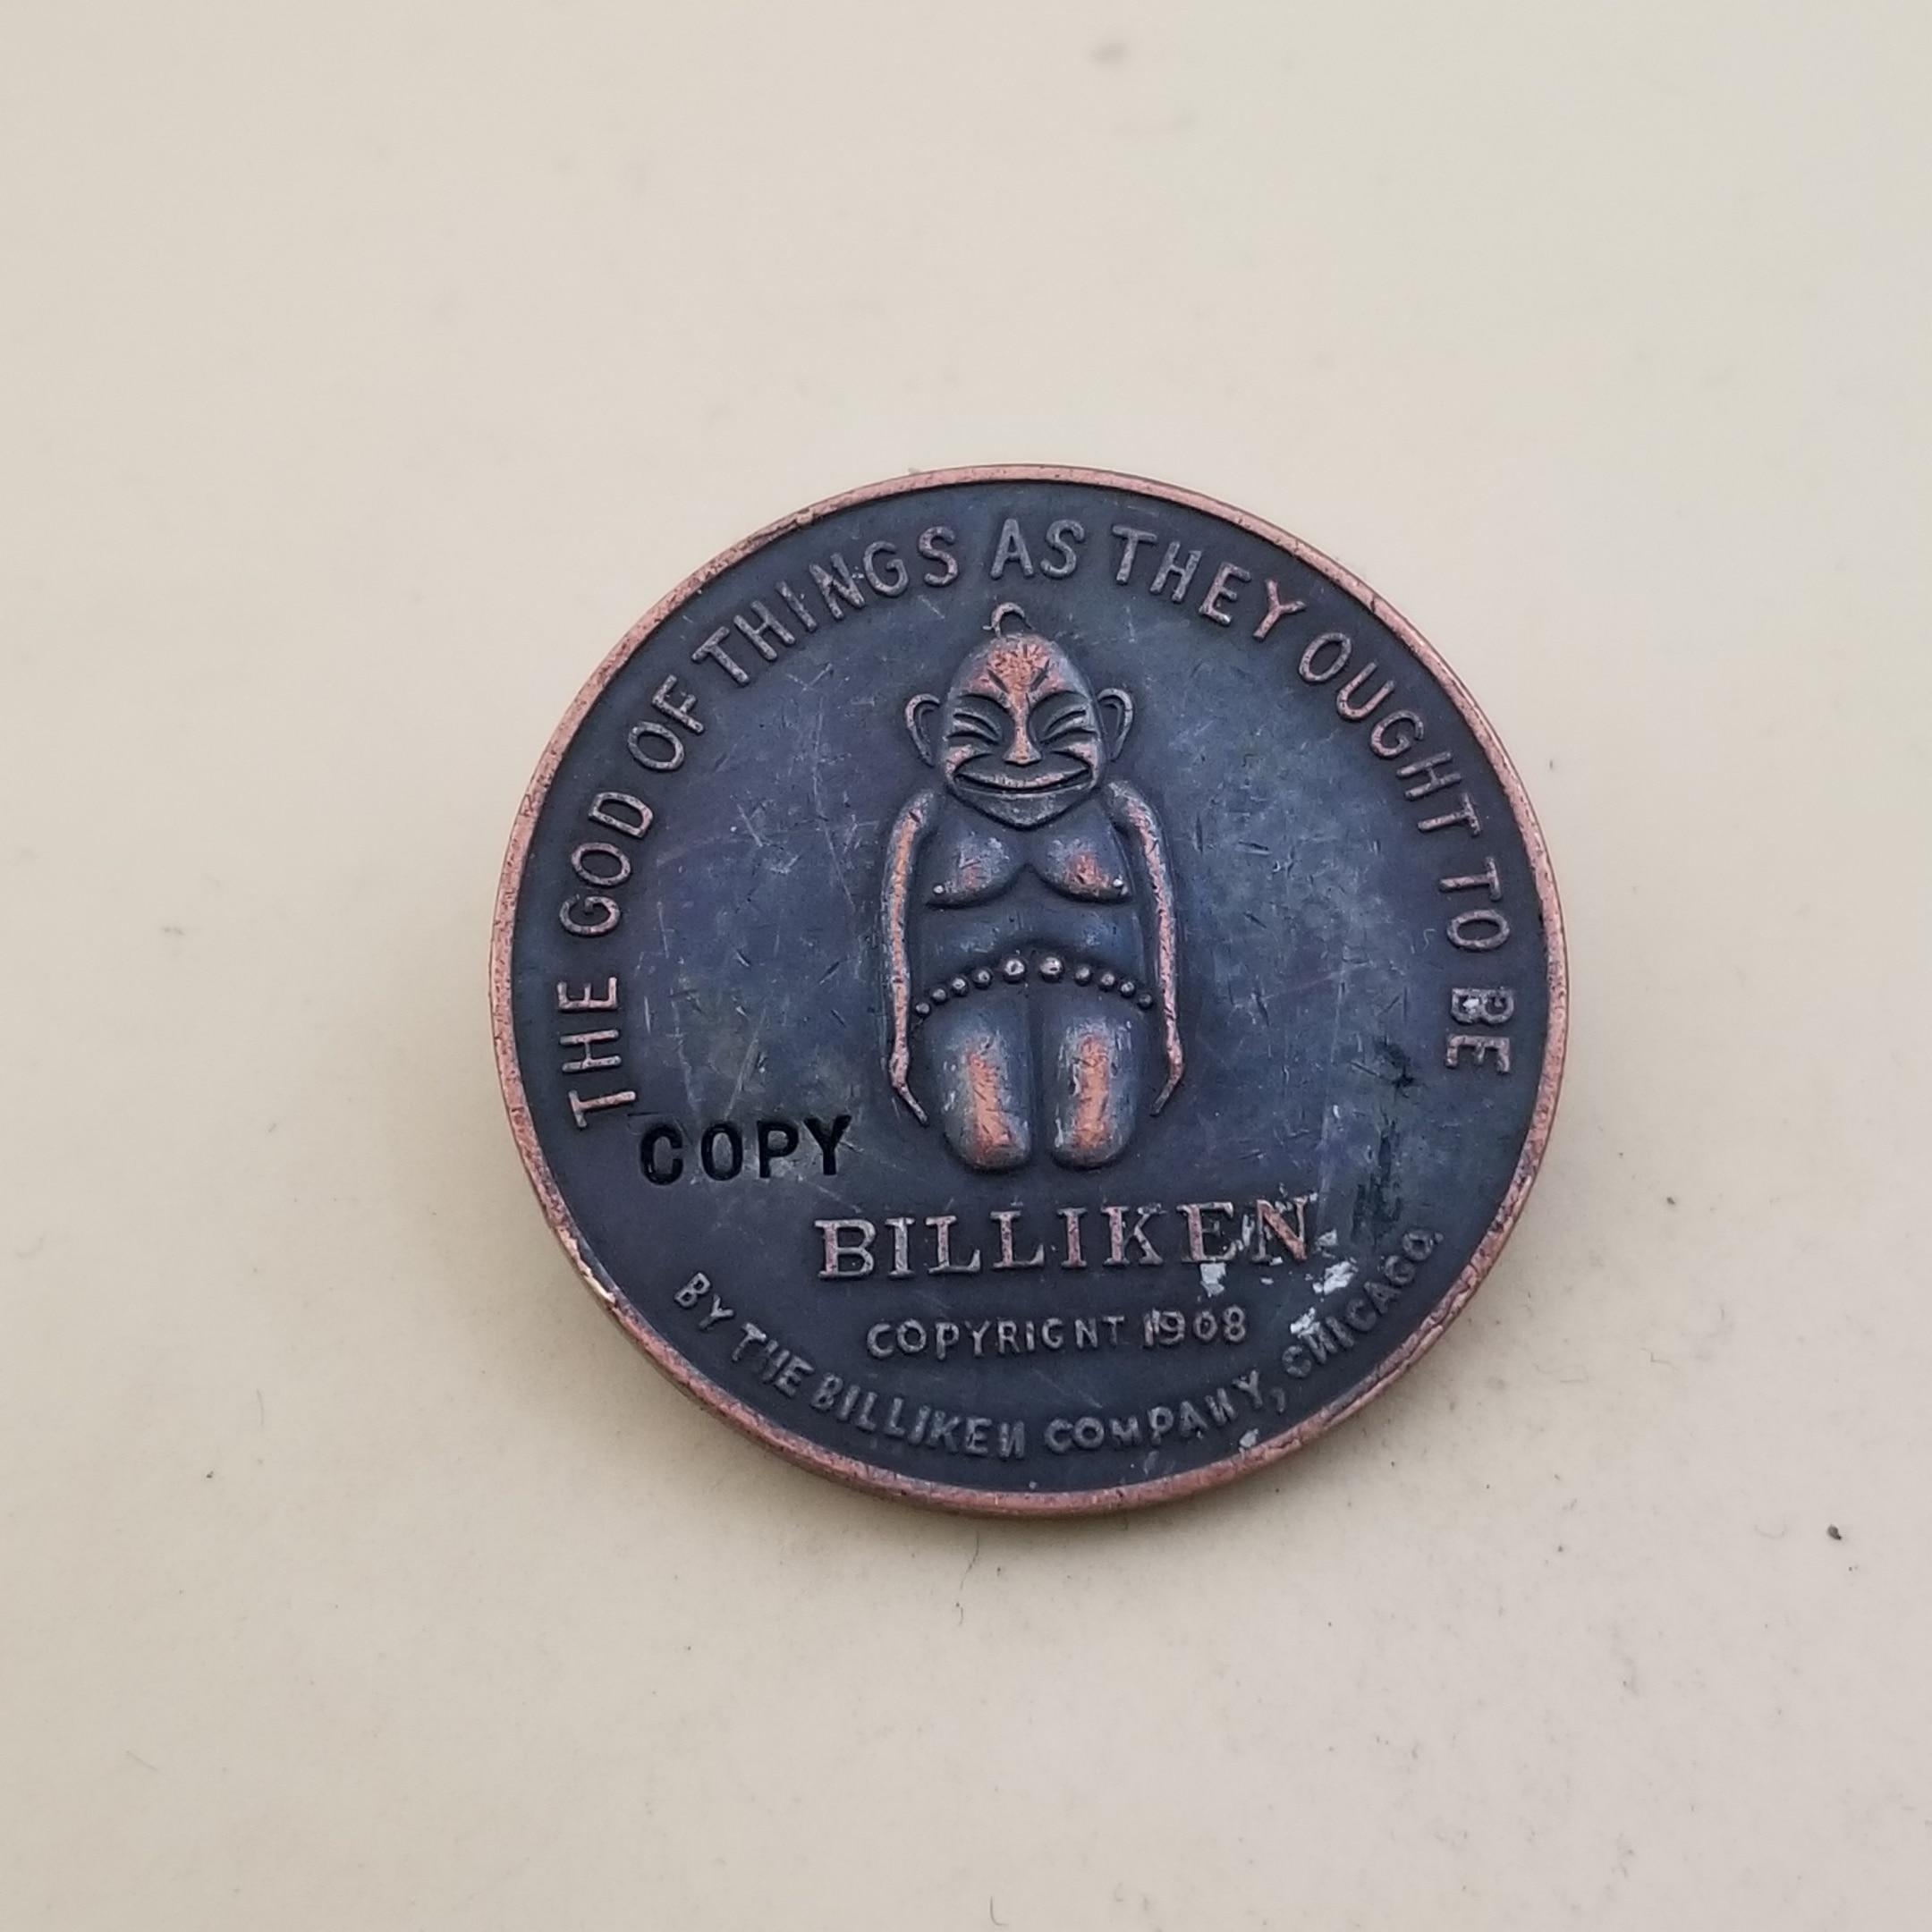 (Соединенные Штаты-рекламные Жетоны) Billiken жетон на удачу памятные монеты копии монет медаль-Реплика коллекционные монеты